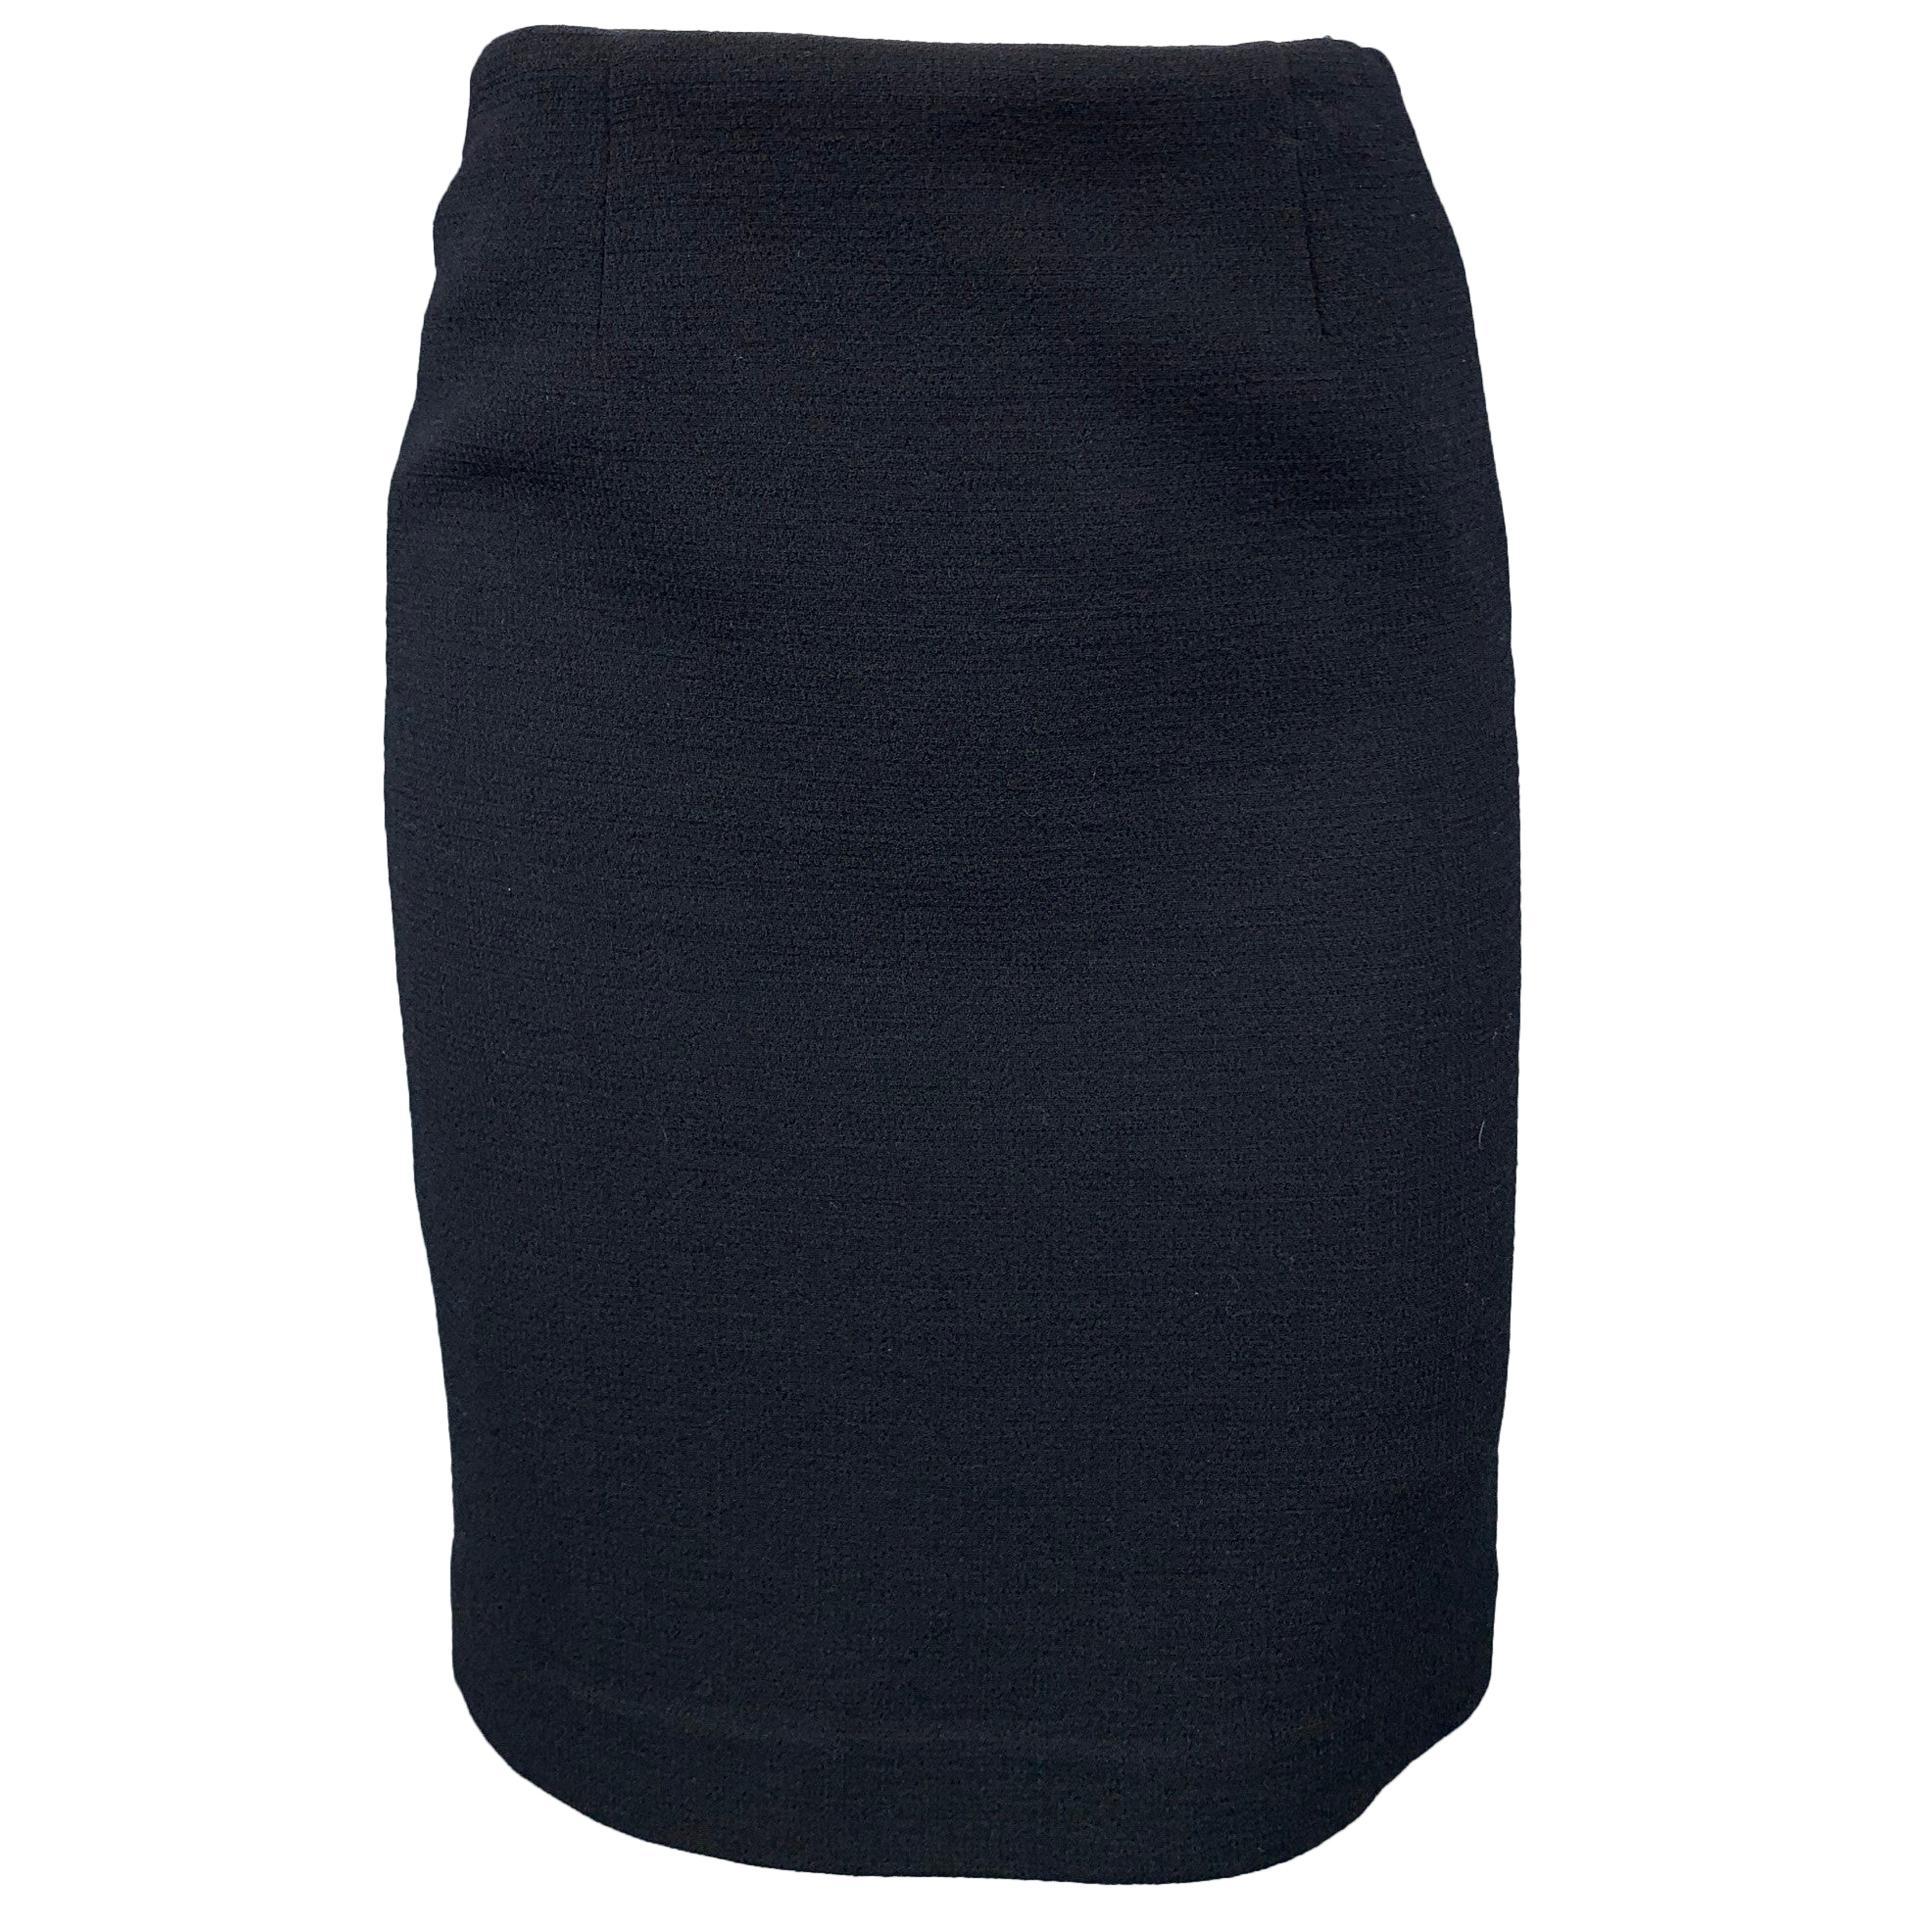 EMPORIO ARMANI Size S Black Crepe Pencil Skirt